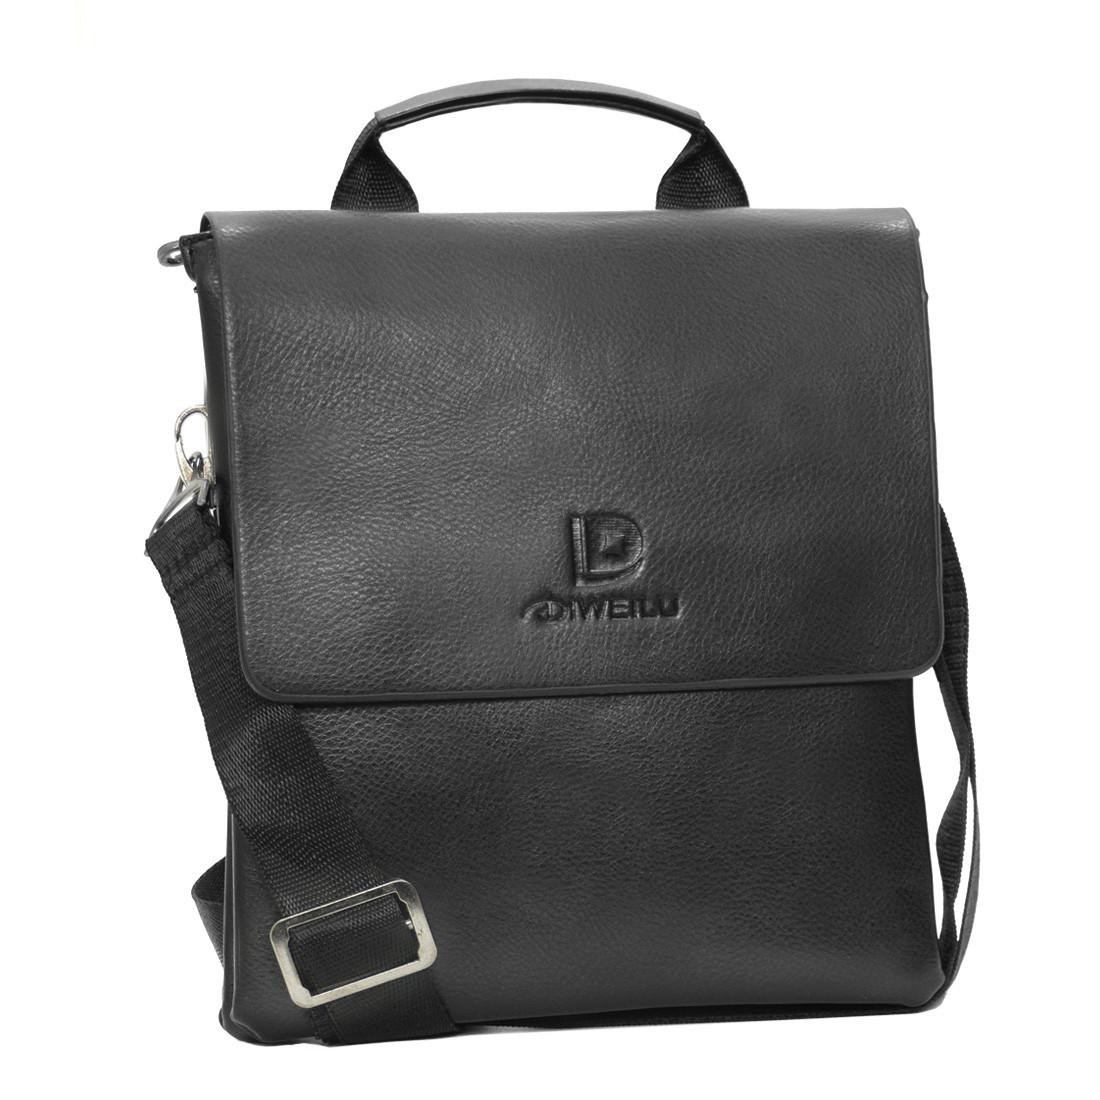 Мужская сумка-мессенджер вертикальная DIWEILU 2 отдела 21х25х6  м 0715-3ч